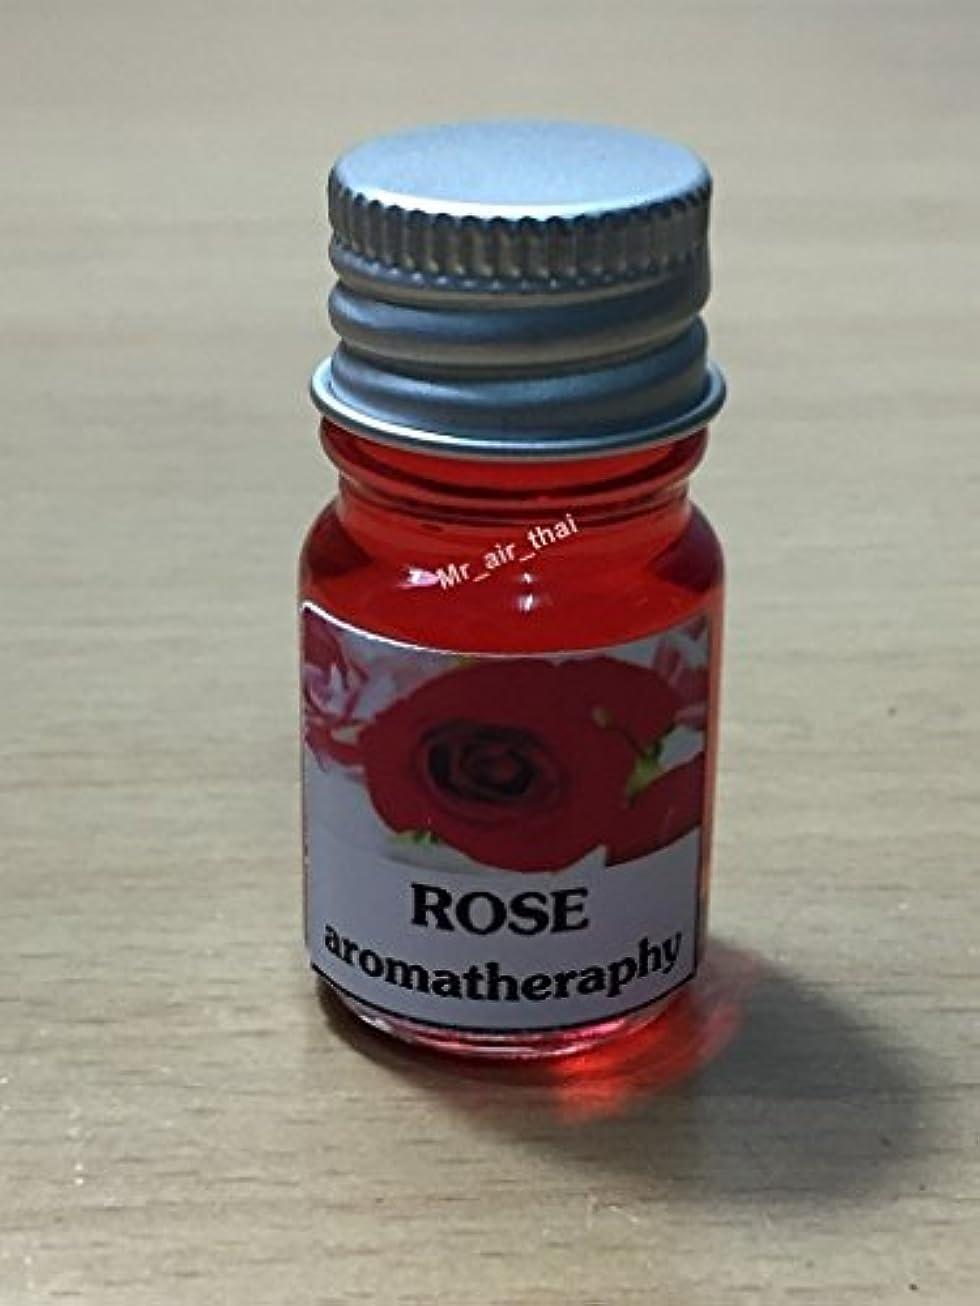 責任鮮やかな結婚した5ミリリットルアロマローズフランクインセンスエッセンシャルオイルボトルアロマテラピーオイル自然自然5ml Aroma Rose Frankincense Essential Oil Bottles Aromatherapy...